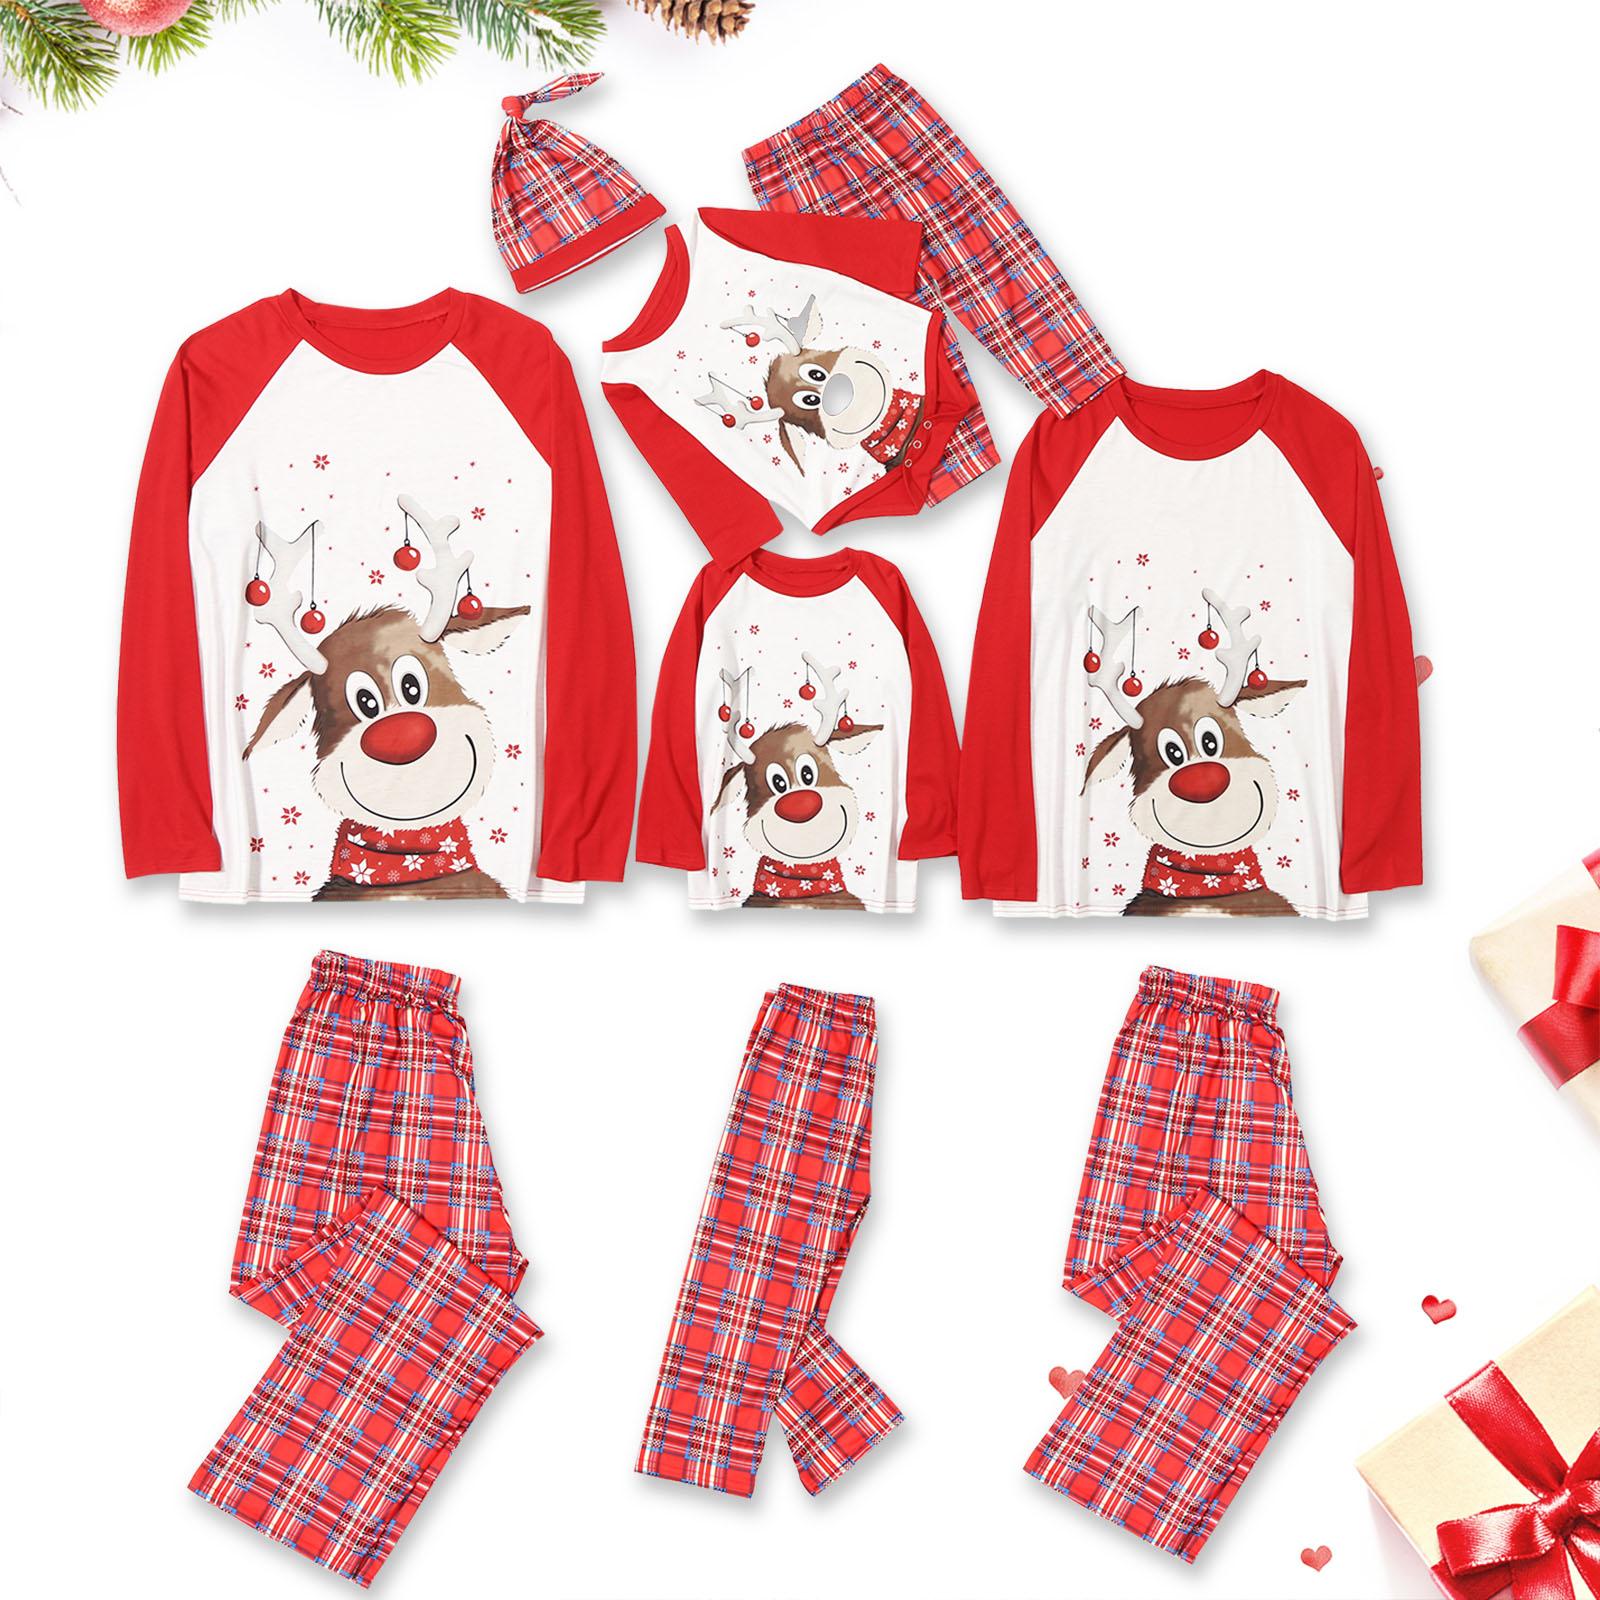 Christmas Family Matching Pajamas Christmas Red Deers Top and Plaid Pant With Dog Cloth